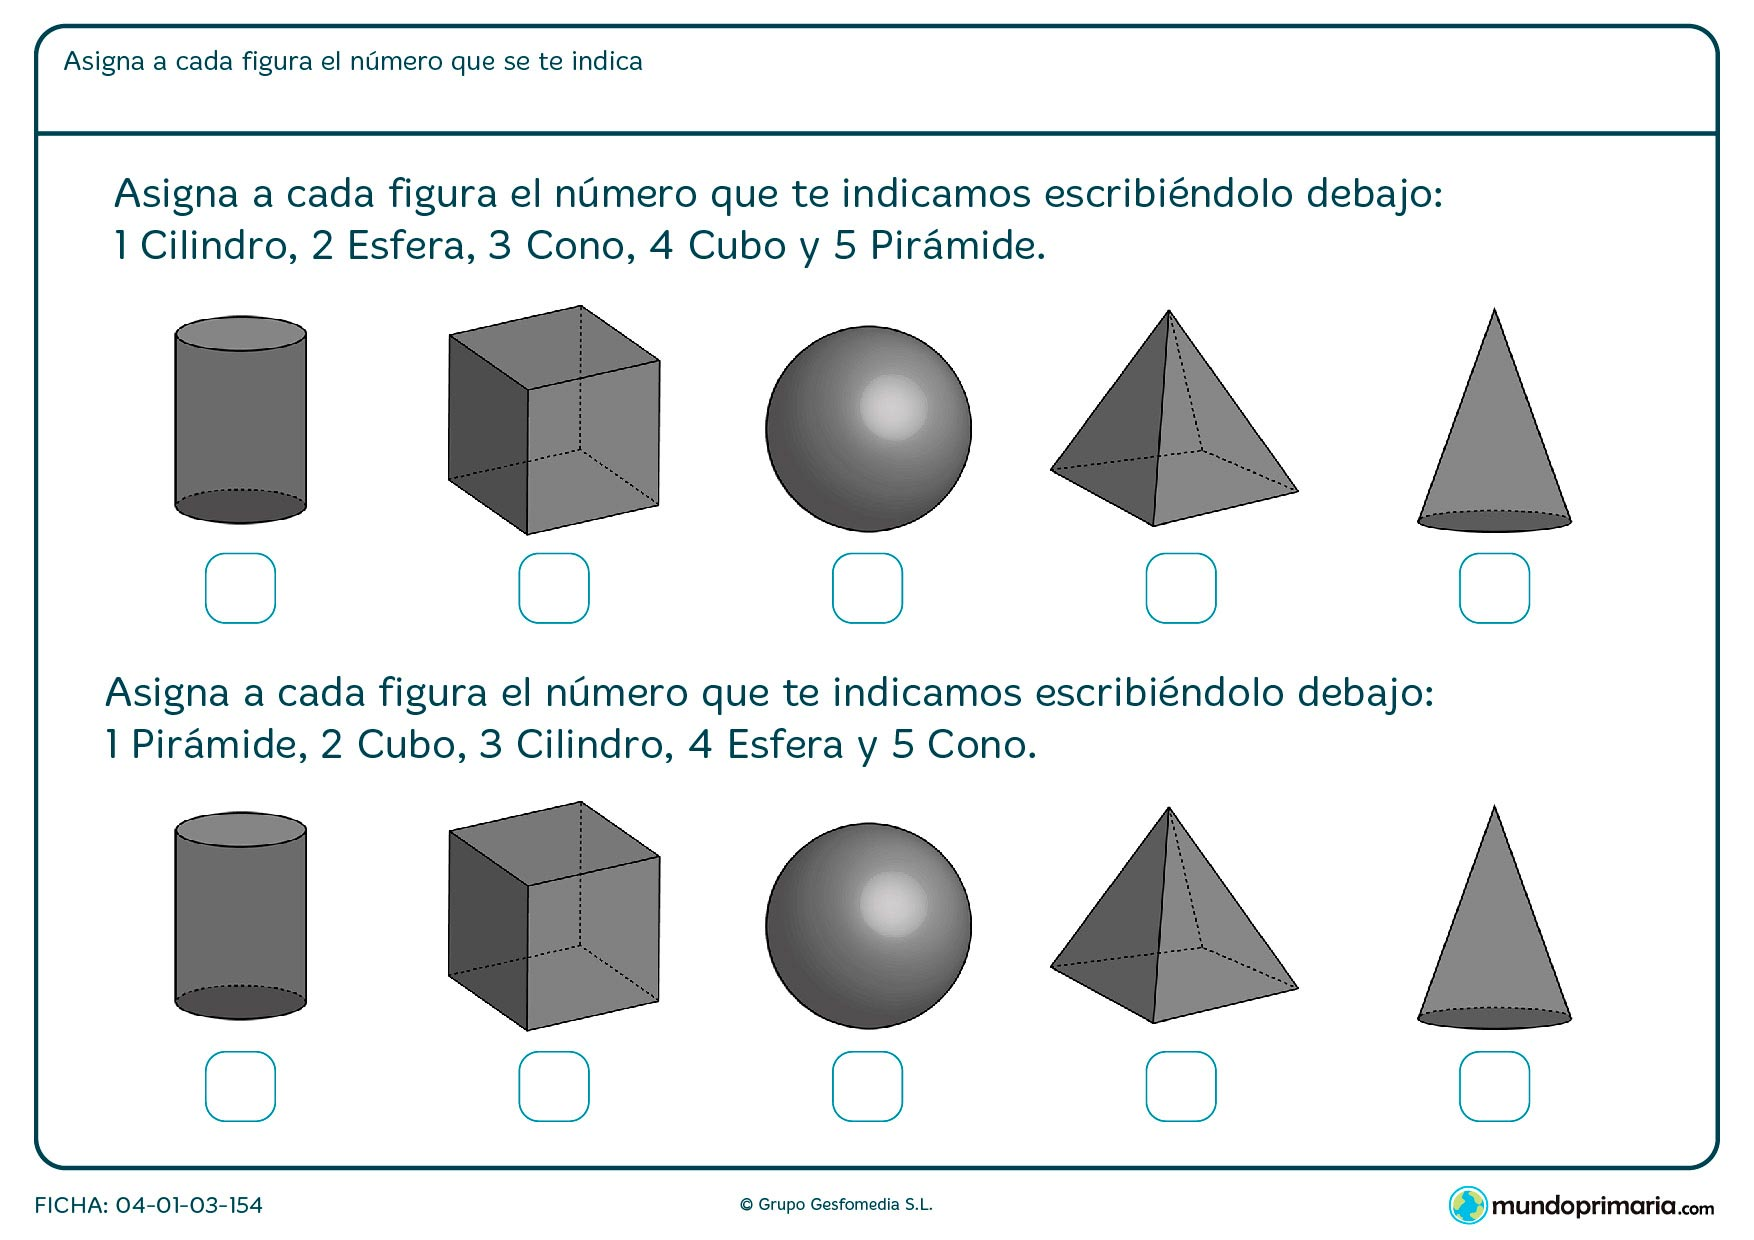 Ficha de esferas y varias figuras más, para organizarlas por su correcto nombre.